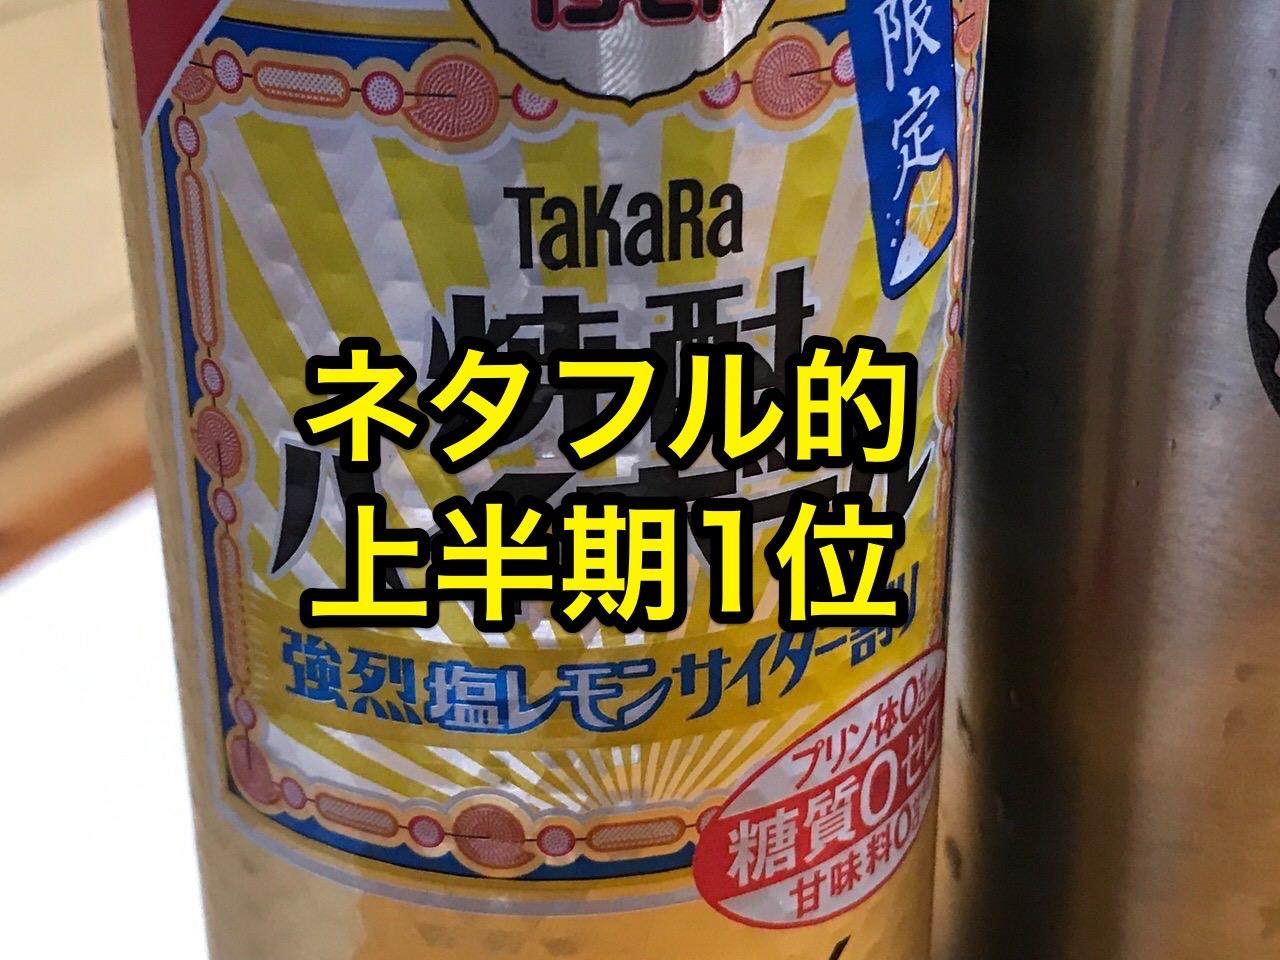 すこぶる美味い「TAKARA焼酎ハイボール 強烈塩レモンサイダー割り」を2018年上半期1位に推したい